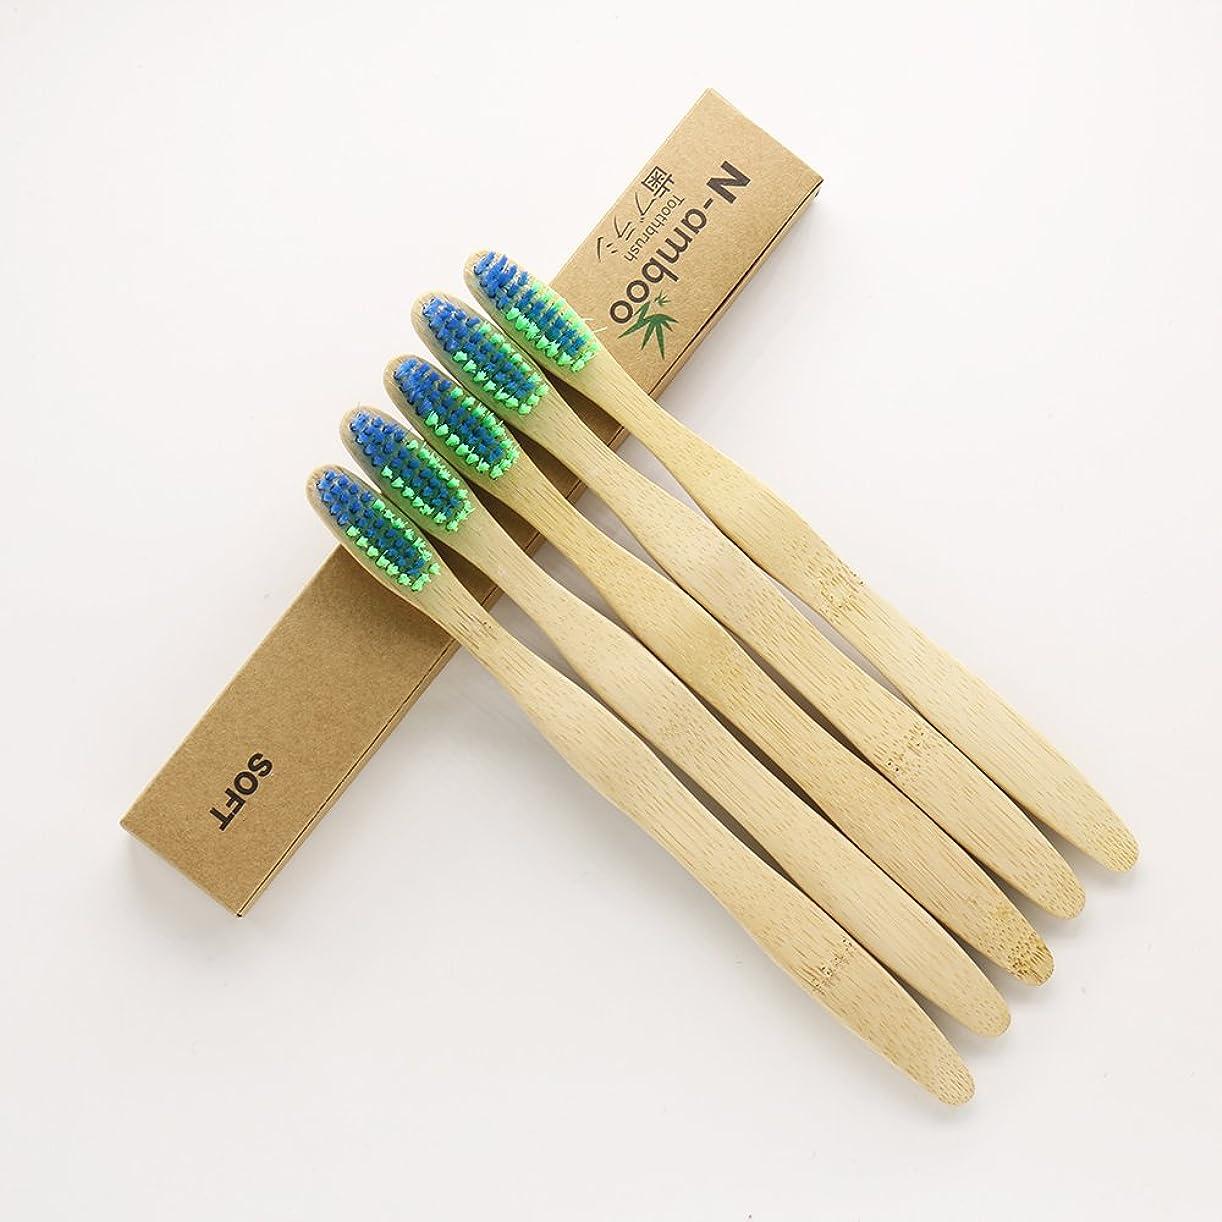 ゴミ箱を空にする新しさジャケットN-amboo 竹製耐久度高い 歯ブラシ 青と緑色 5本入り セット